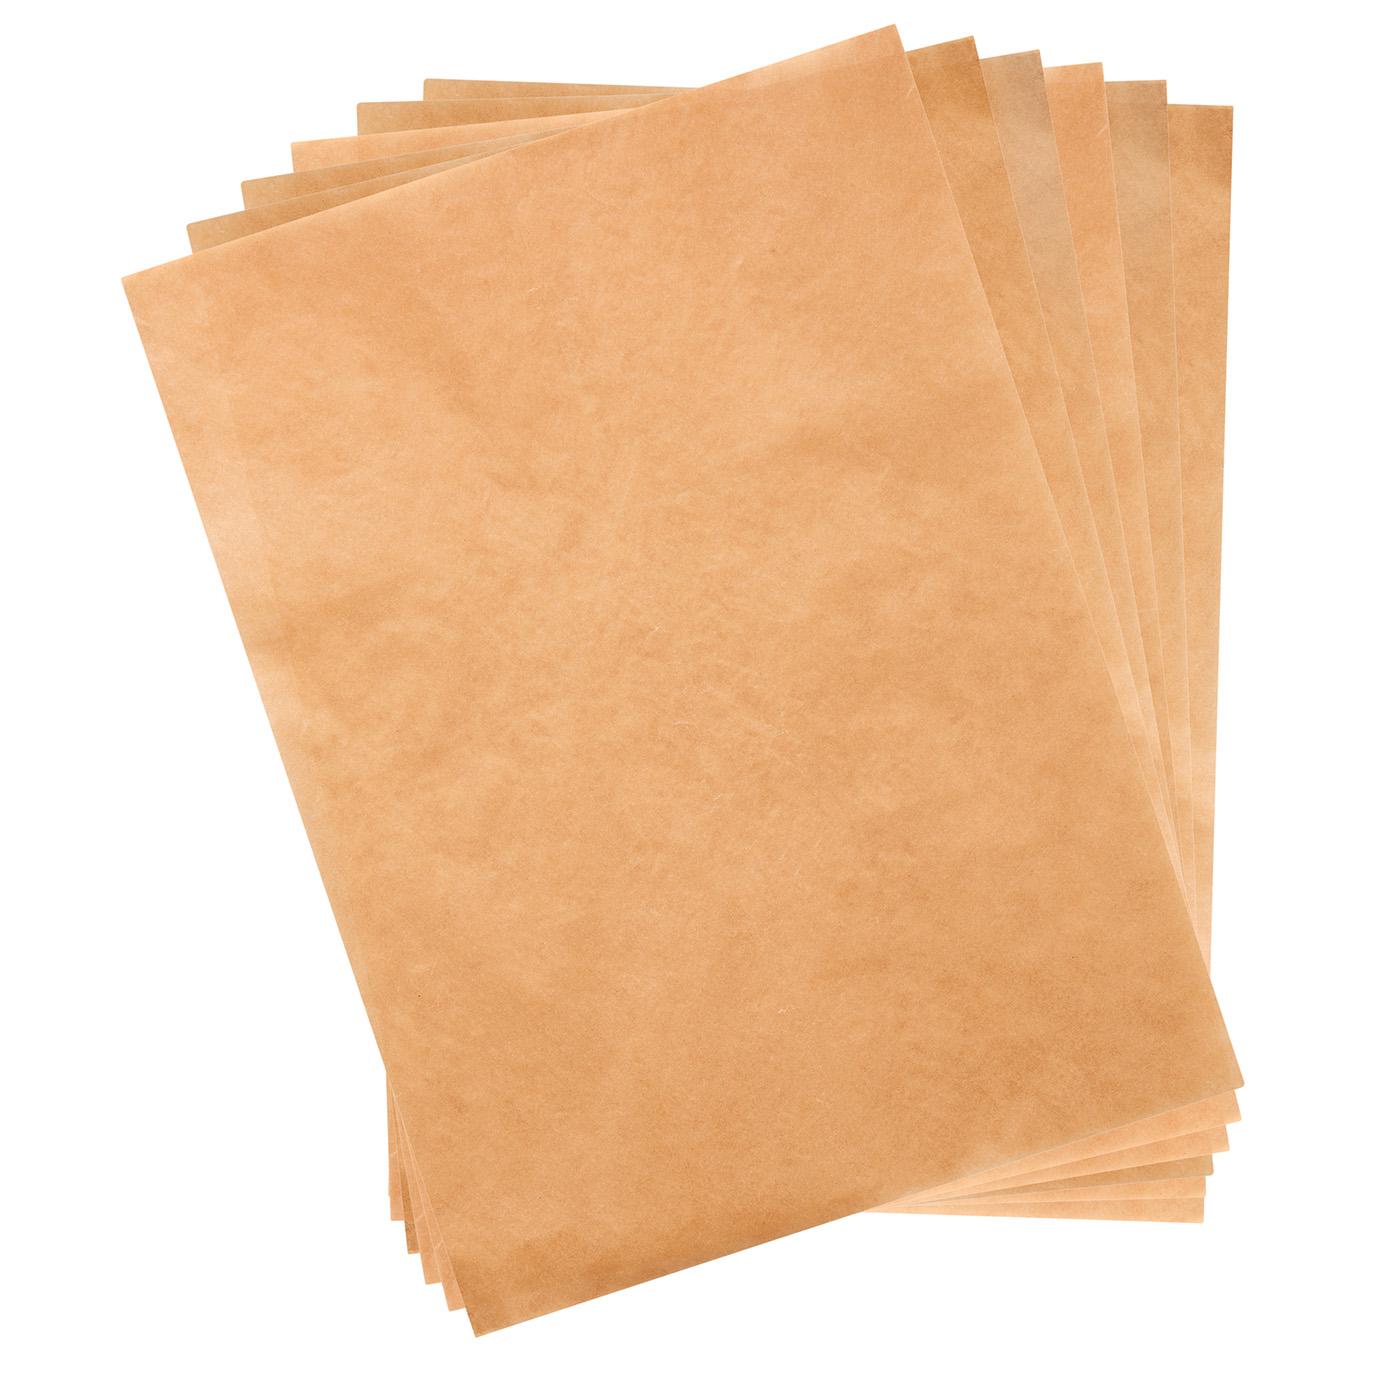 Beyond Gourmet Pre Cut Half Size Non Stick Parchment Paper